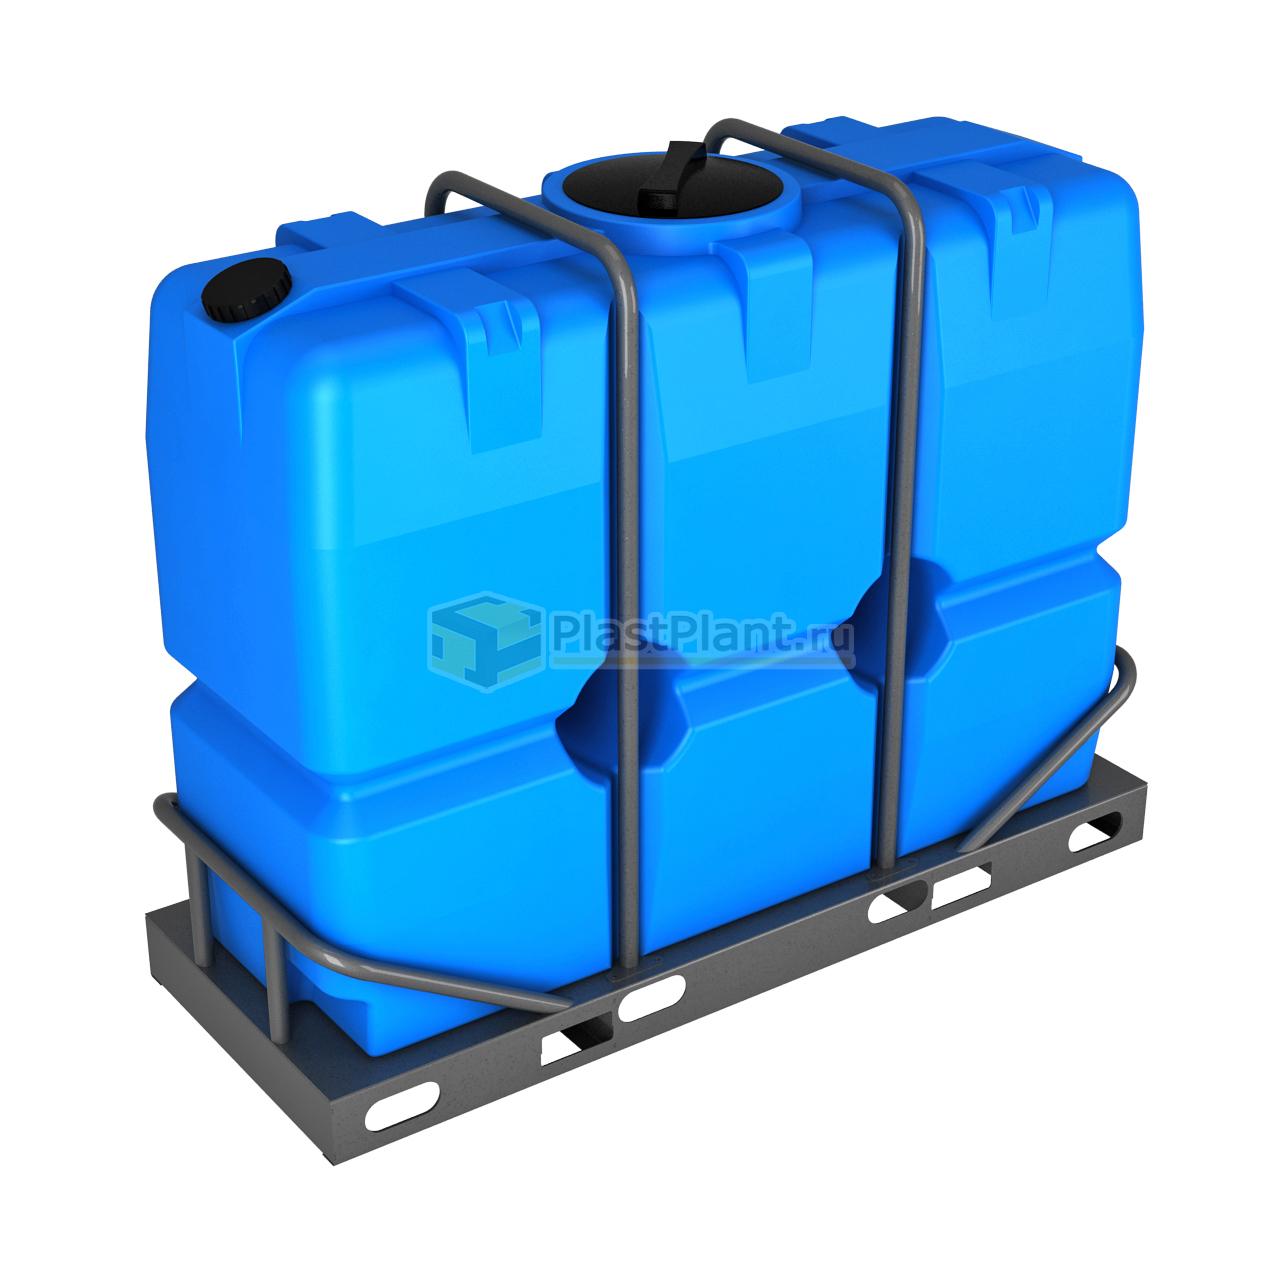 Бак 2000 литров серии SK в обрешетке - купить в компании ПластПлэнт